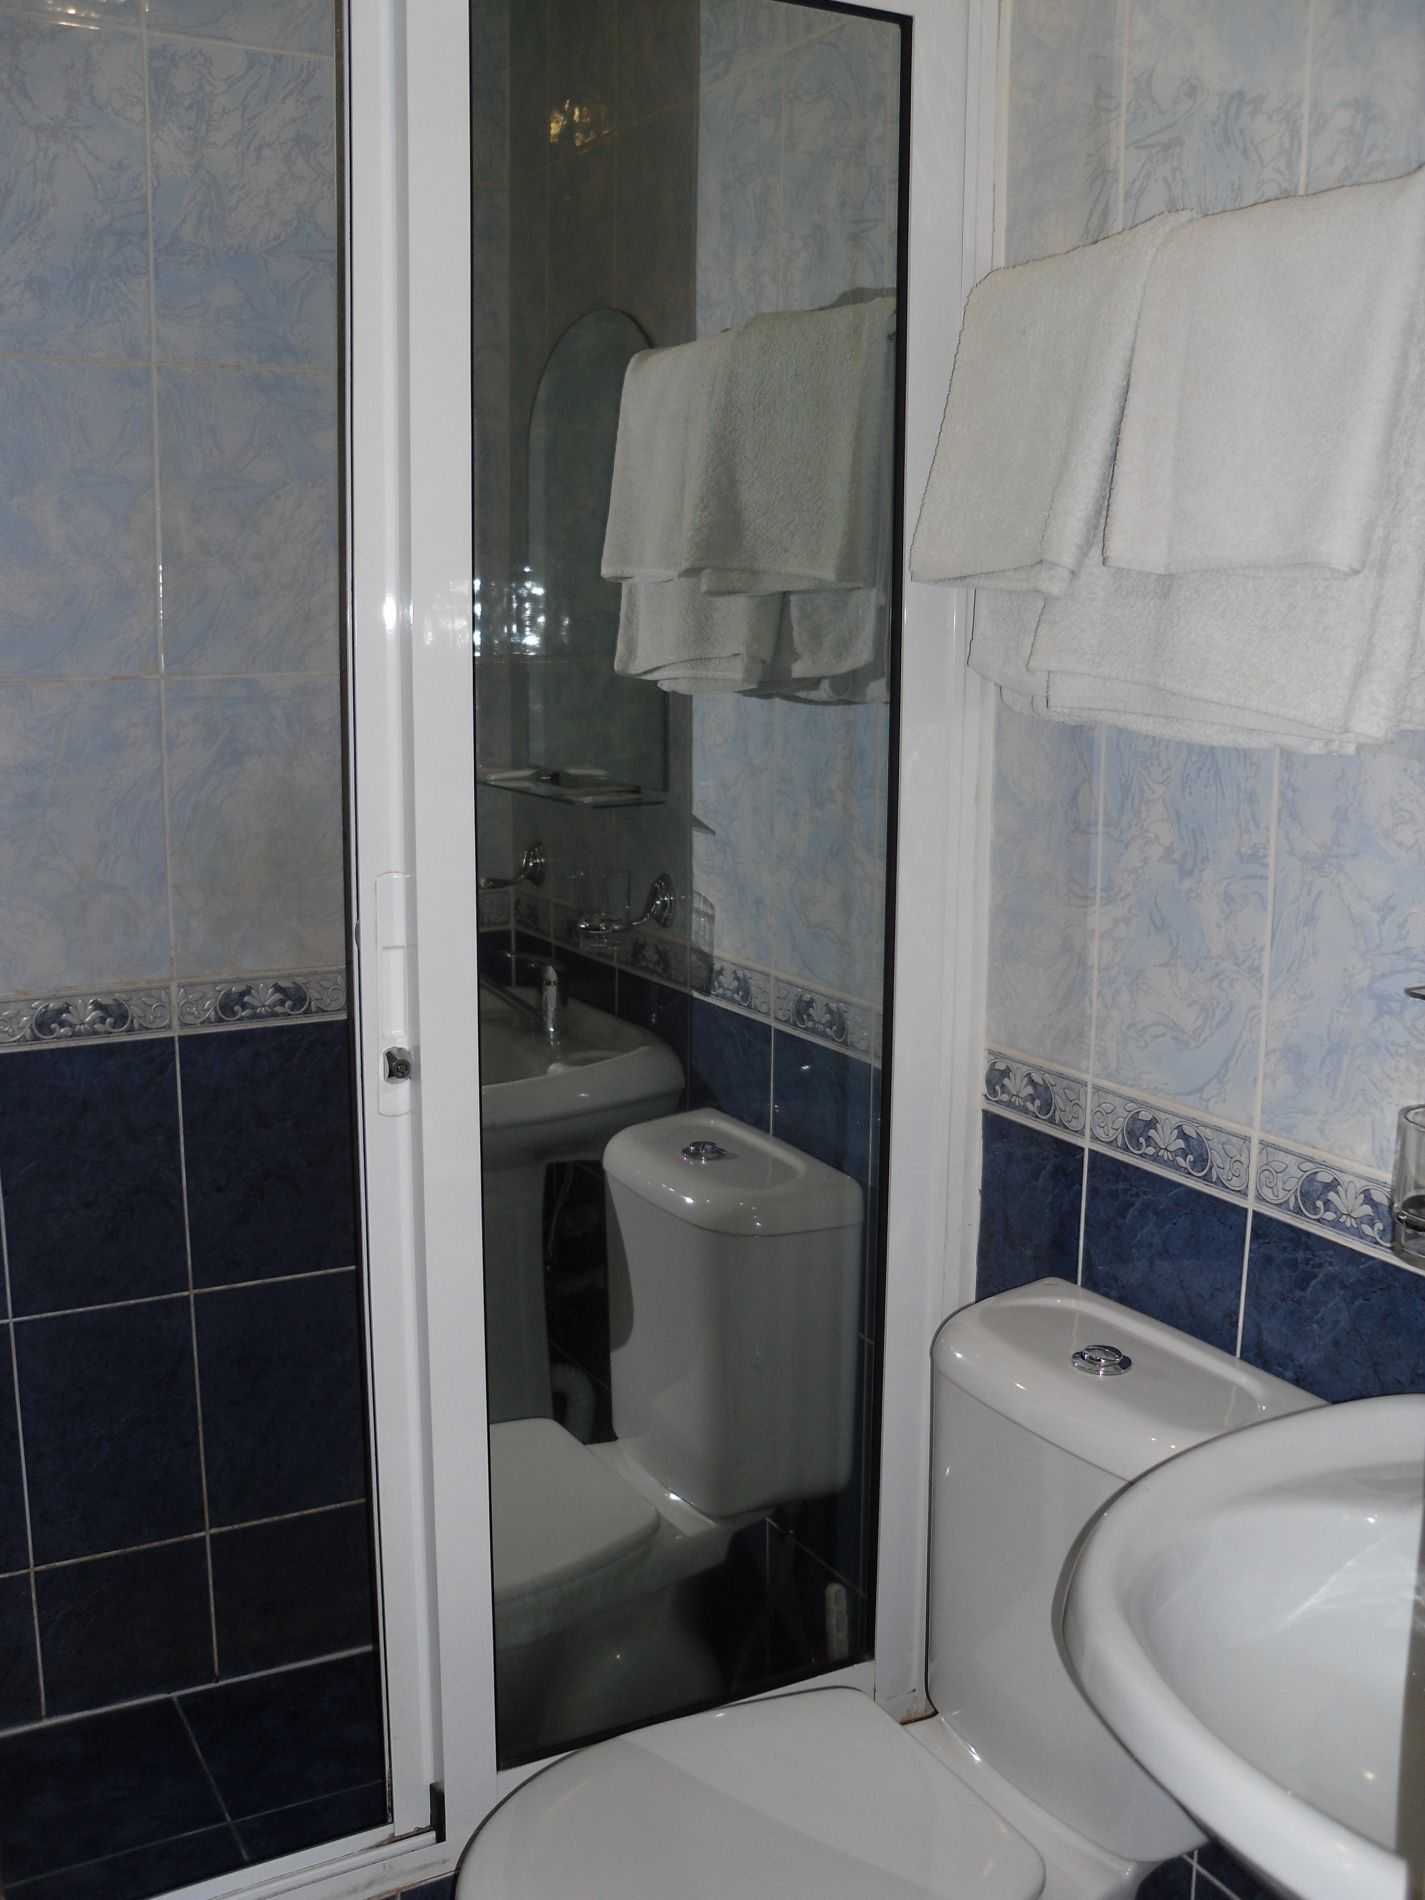 Туристический комплекс «Мирная Пристань» Ивановская область 2-комнатный номер 1 категории (№ 2, 5, 7), фото 8